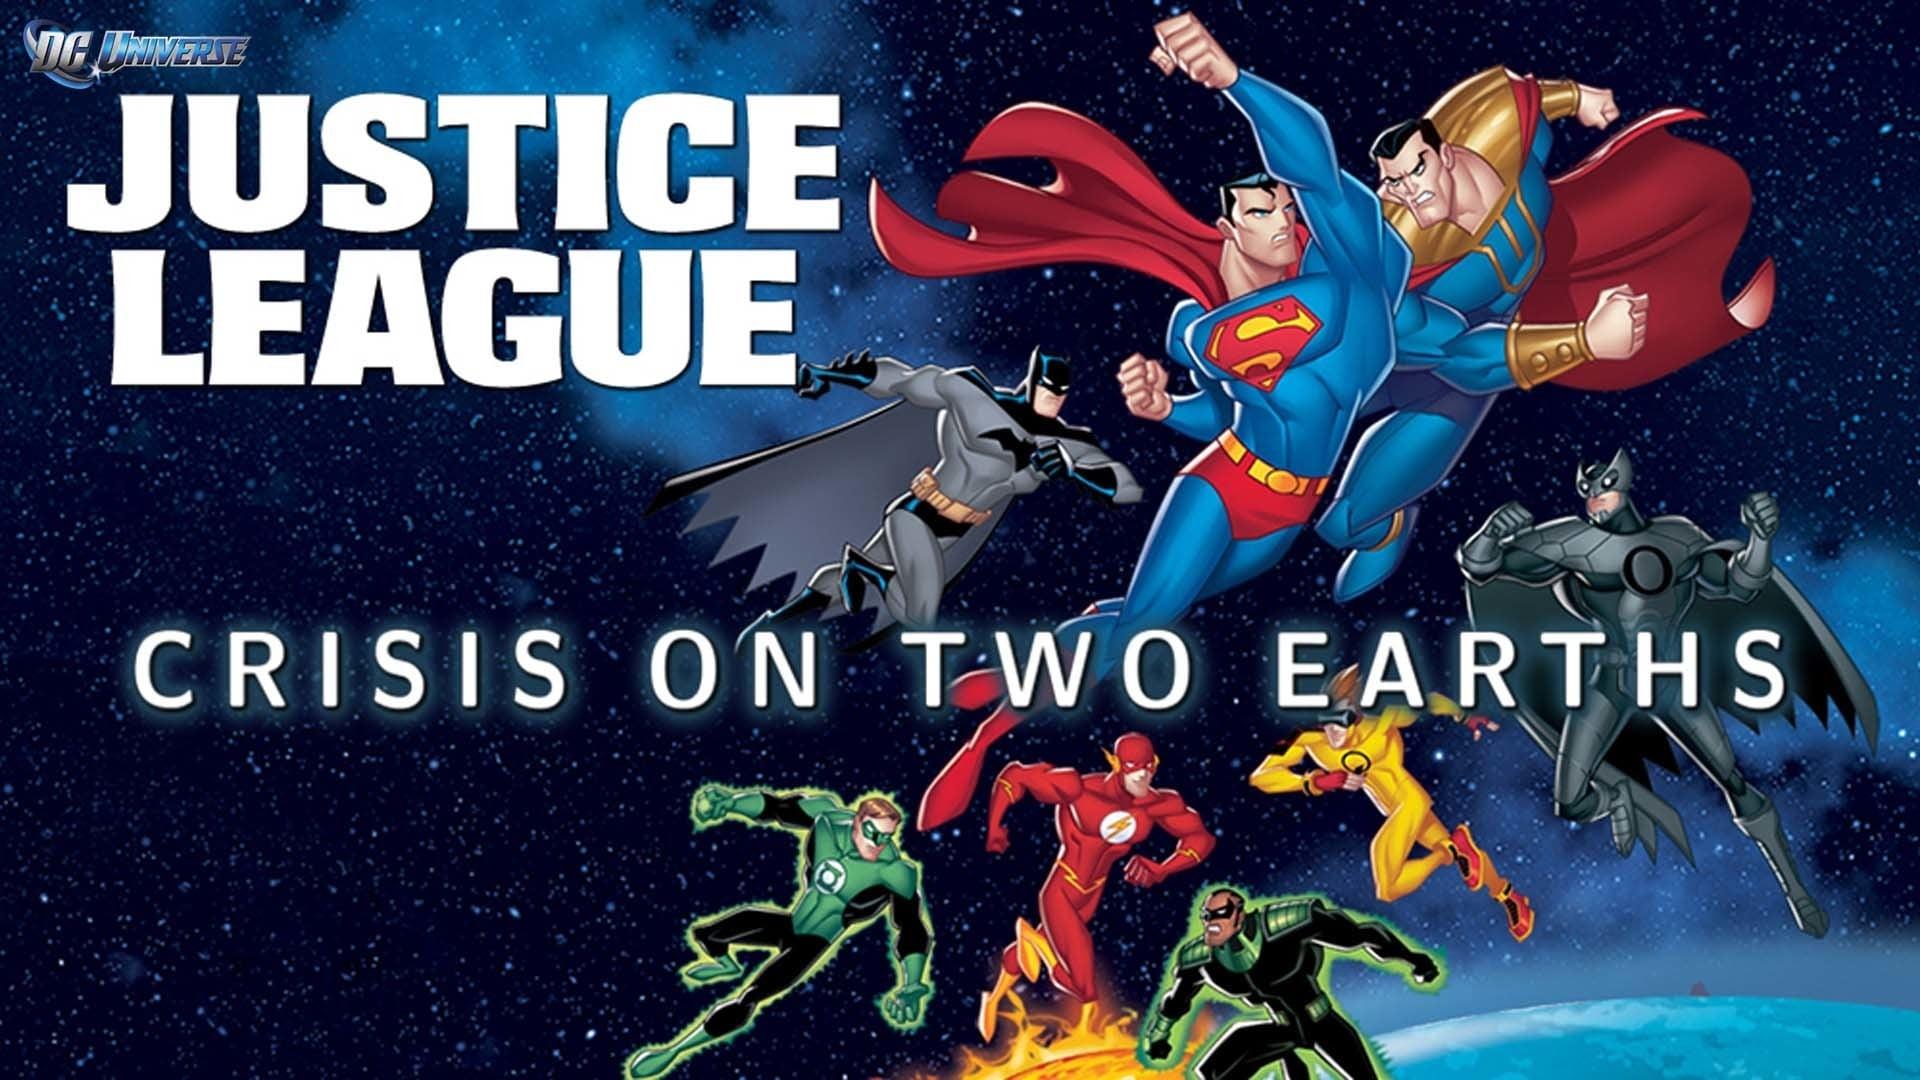 Imagens do Liga da Justiça – Crise em duas Terras Dublado Dublado  Online